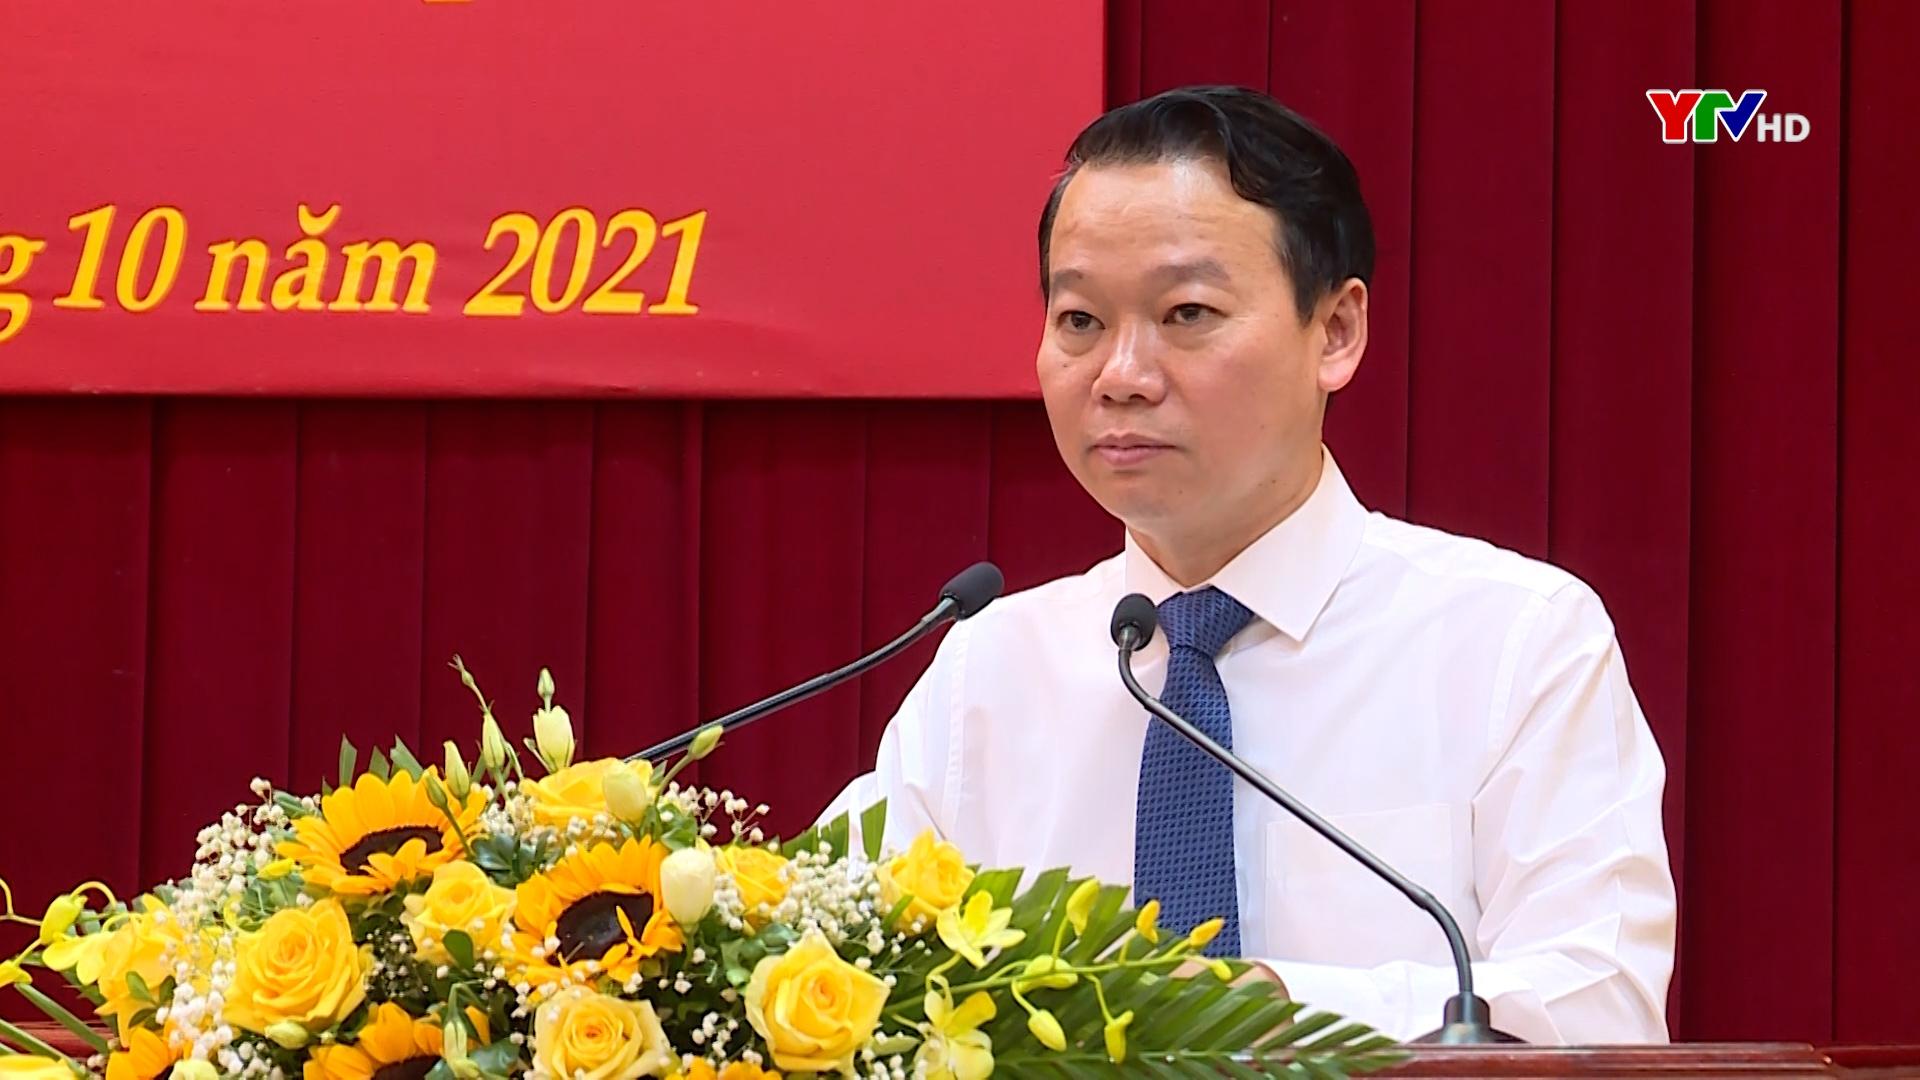 Toàn văn phát biểu Bế mạc Hội nghị Ban Chấp hành Đảng bộ tỉnh Yên Bái lần thứ 10 ( mở rộng) của đồng chí Bí thư Tỉnh ủy Đỗ Đức Duy